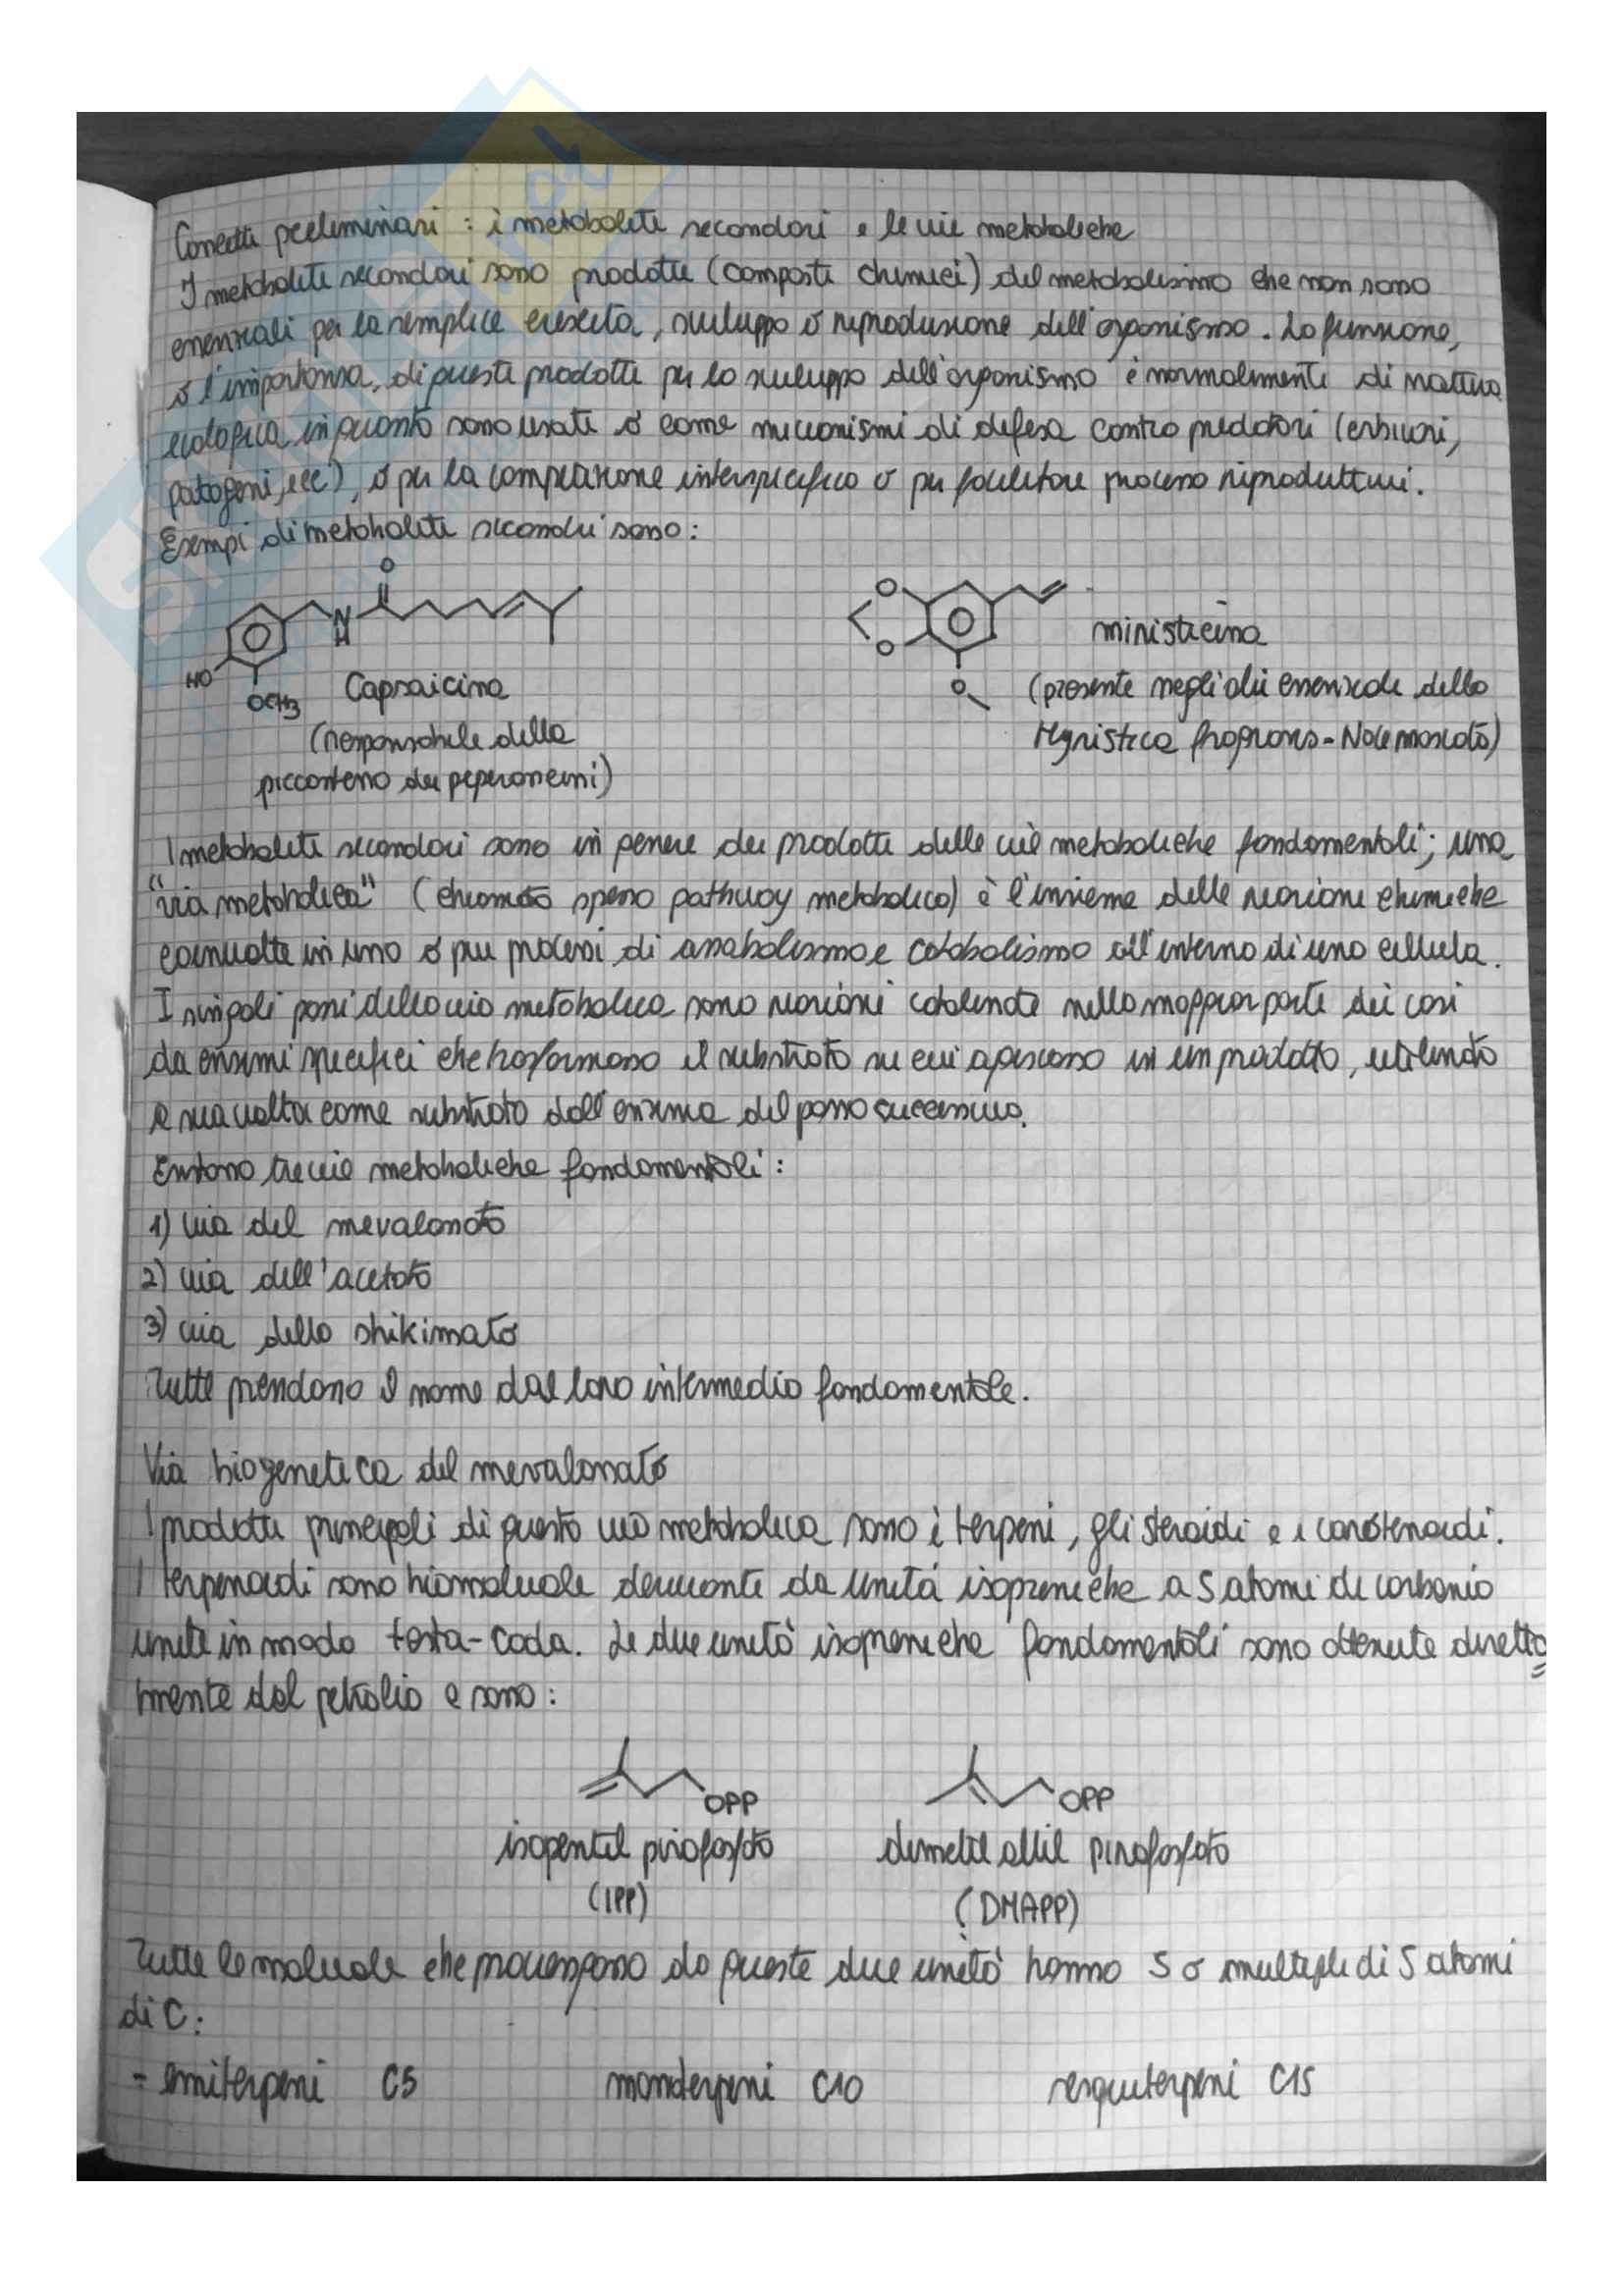 Appunti di Chimica Organica 3 (Chimica delle sostanze naturali) Pag. 2